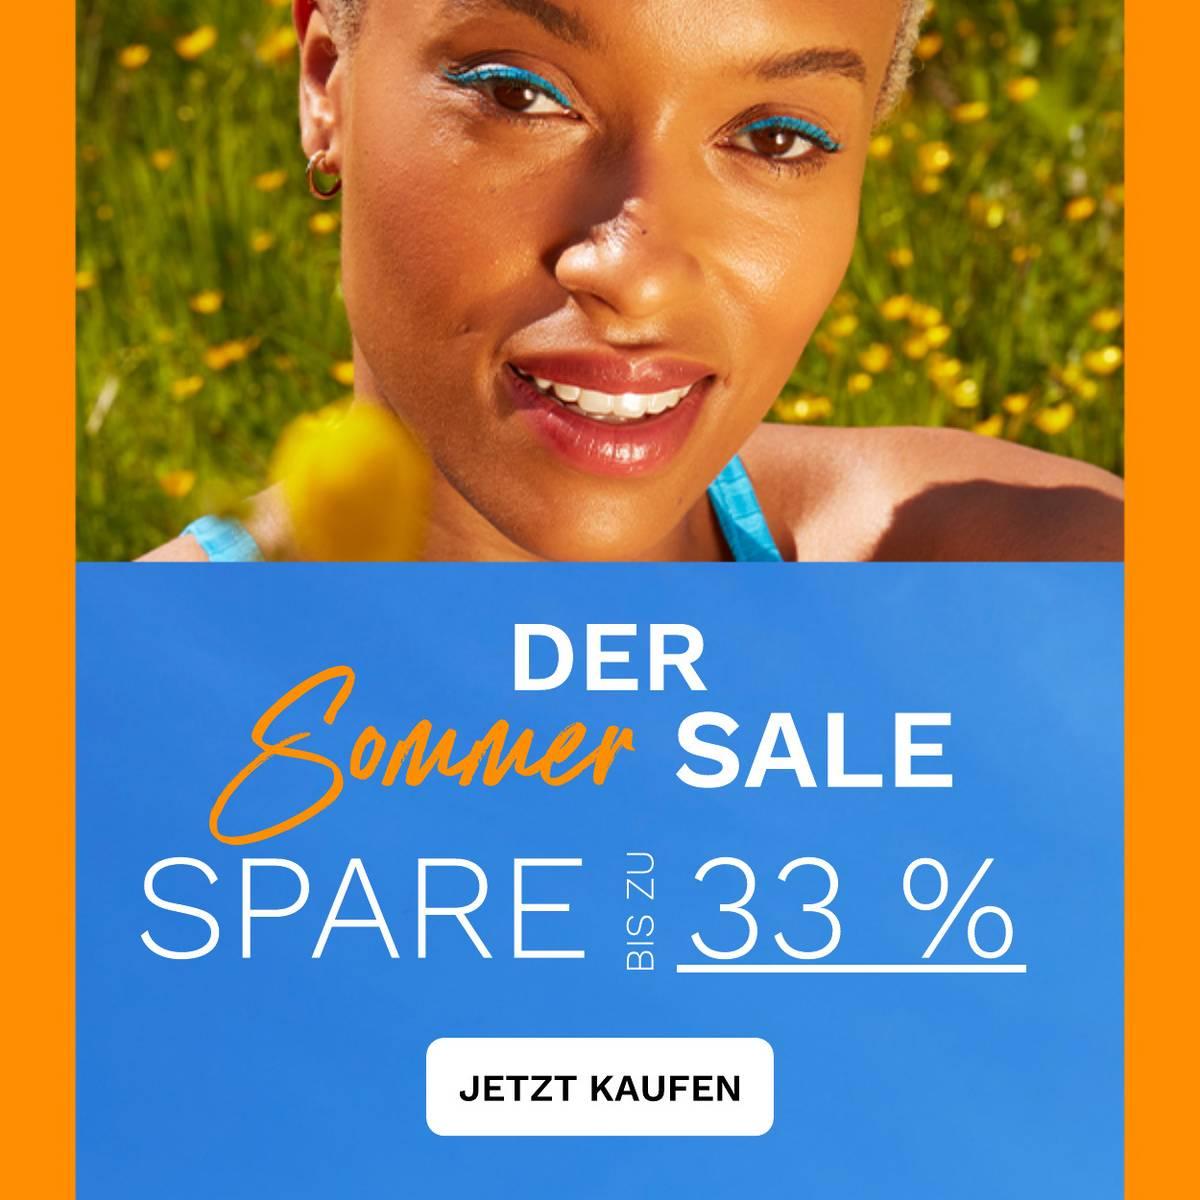 Spare bis zu 33 % auf Sommer Must-Haves!